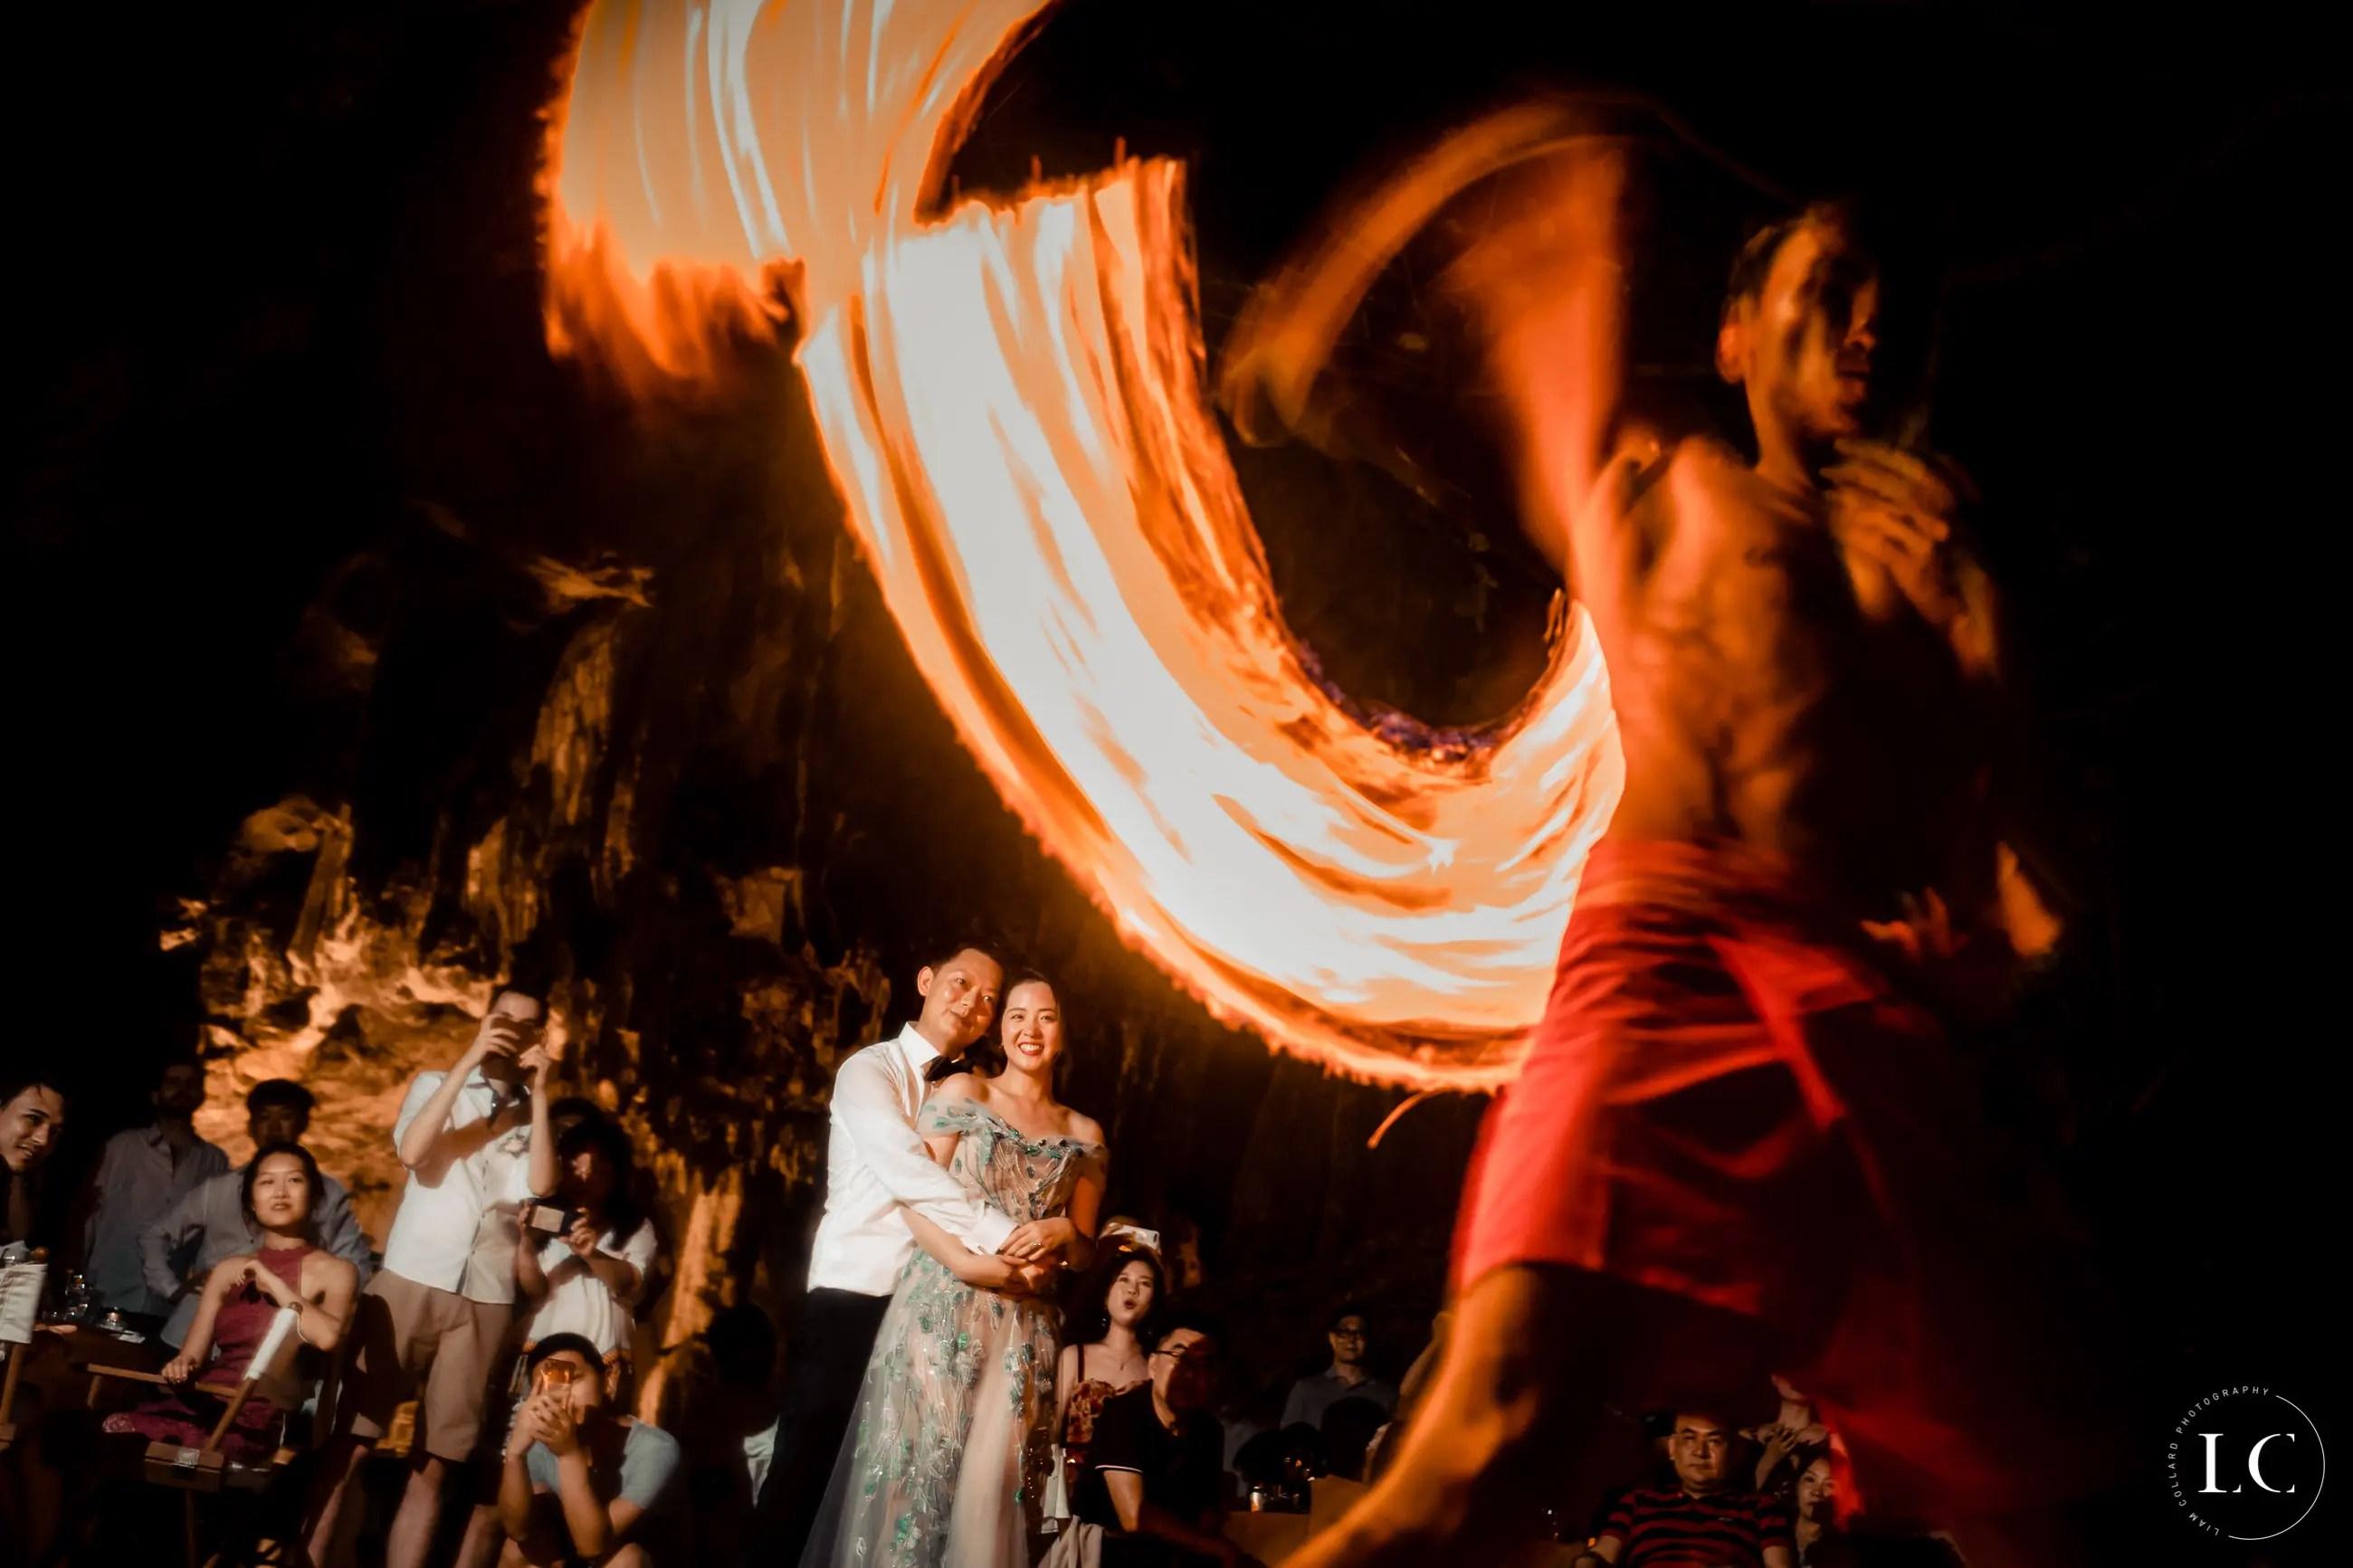 Fire show at a wedding